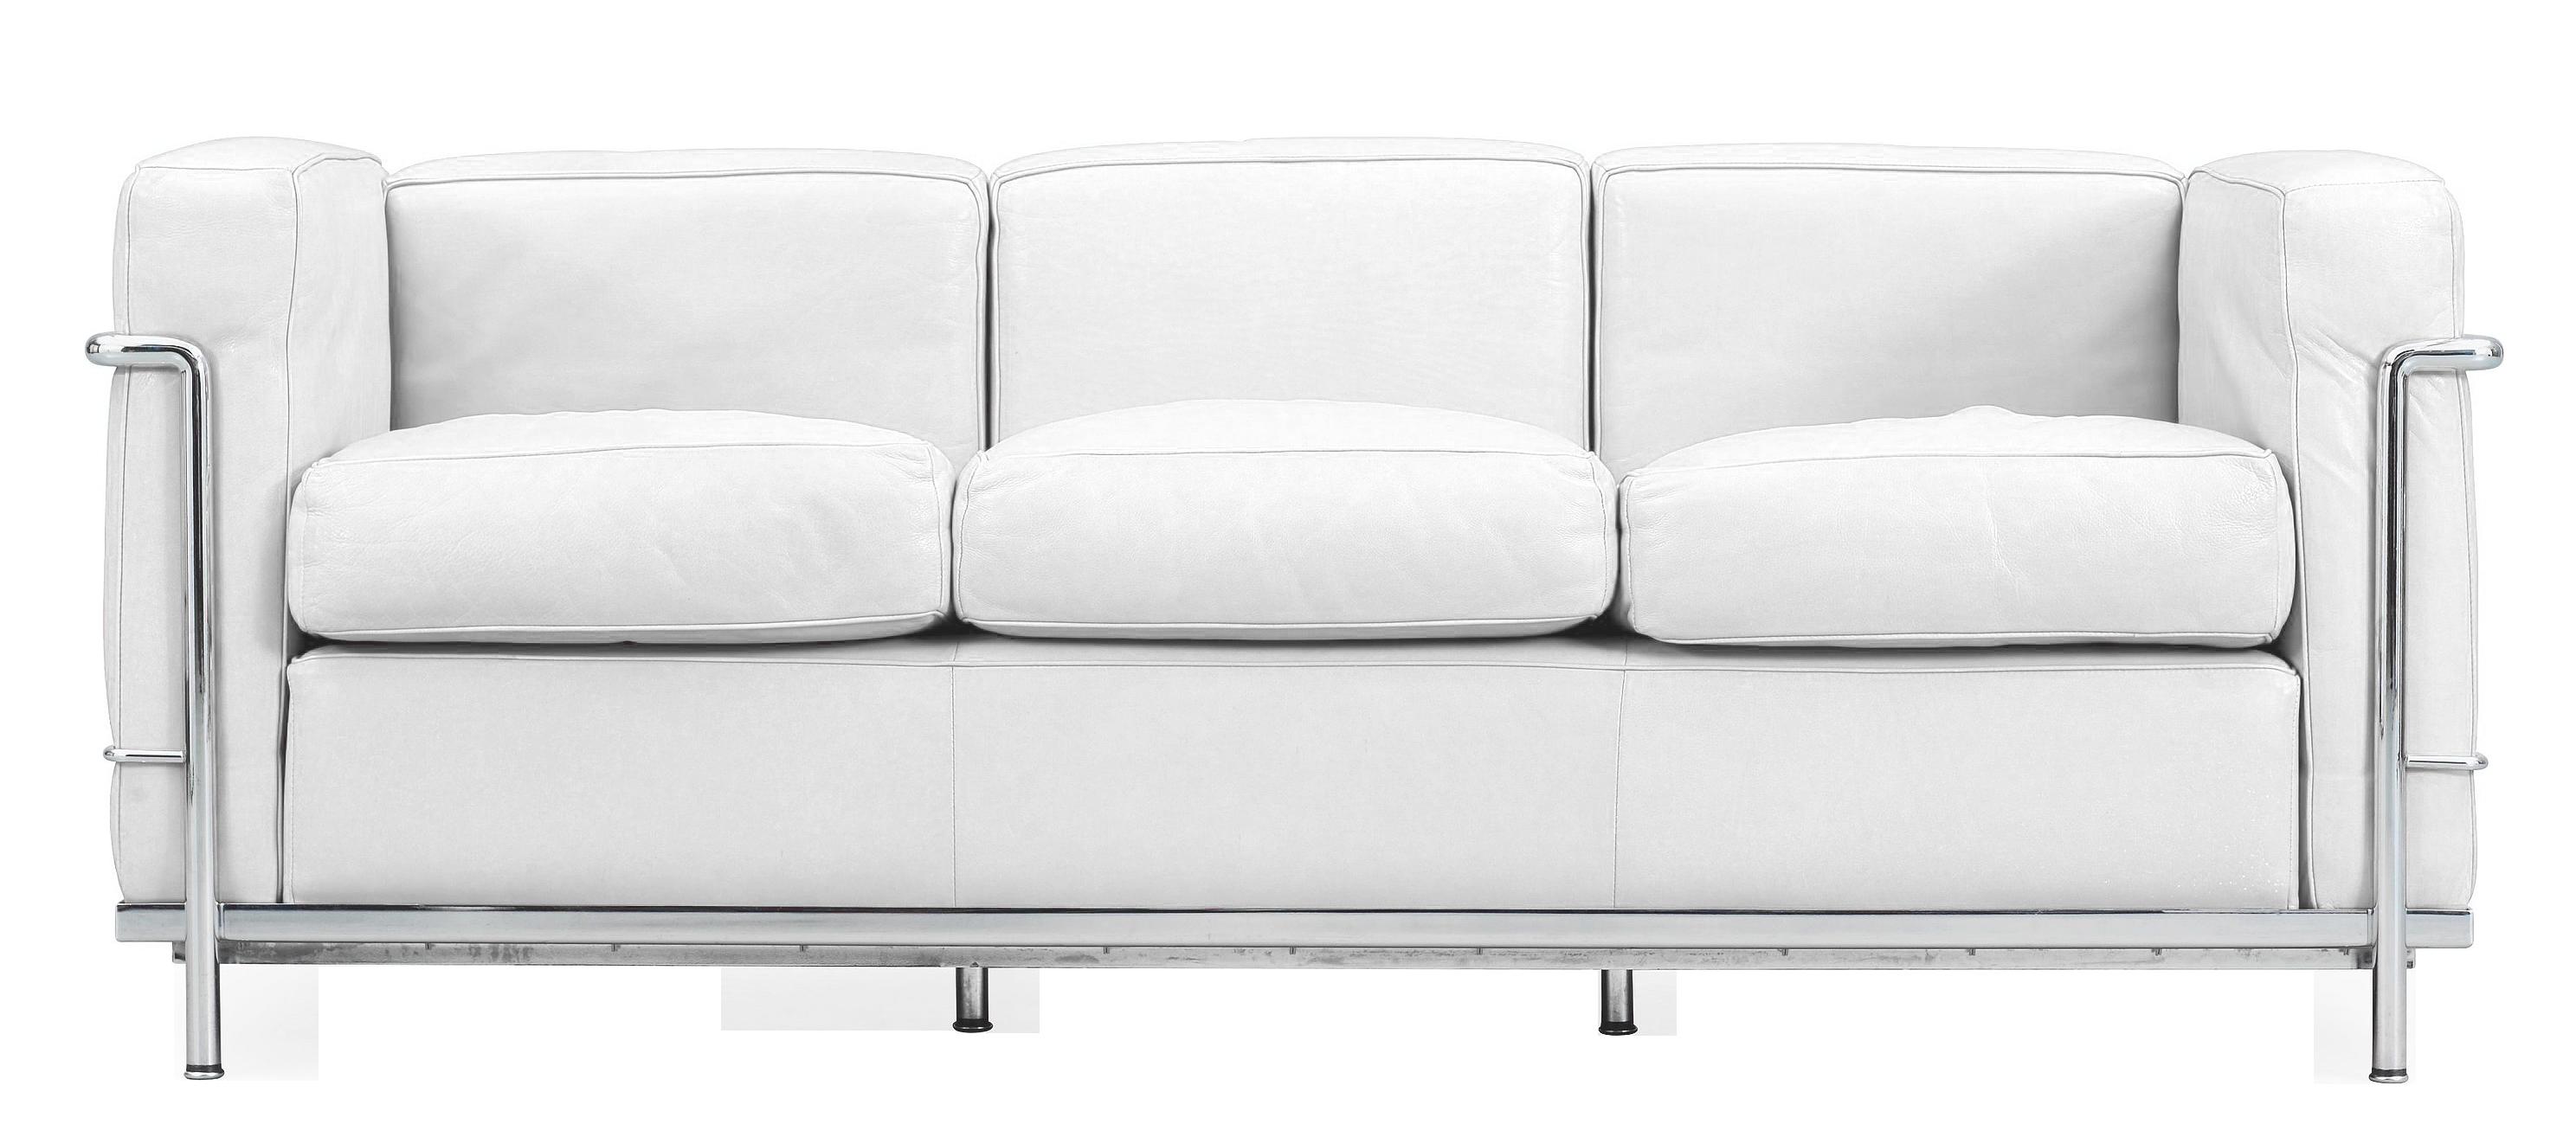 Design Furniture Rental Paris - Sofa LC2  Le Corbusie